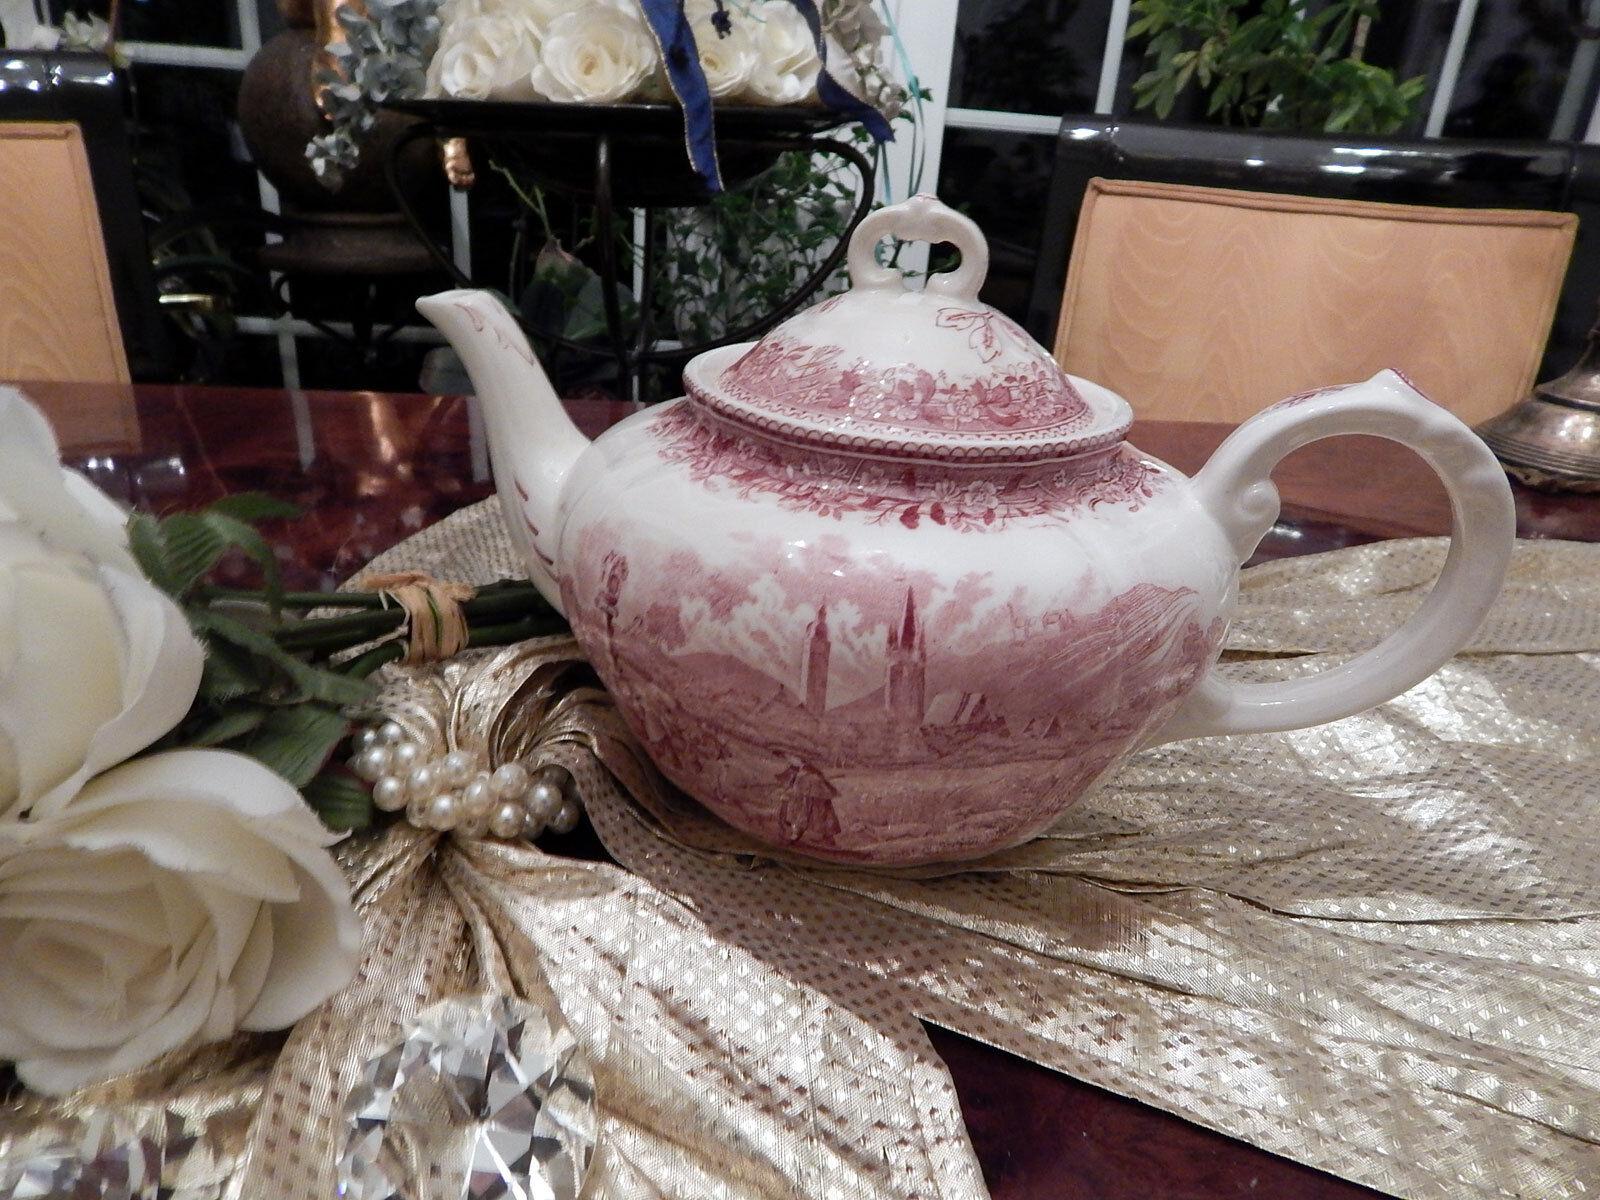 Edle große Teekanne 1 1 Liter  Villeroy & Boch Boch Boch Burgenland Rot top 20a8e3